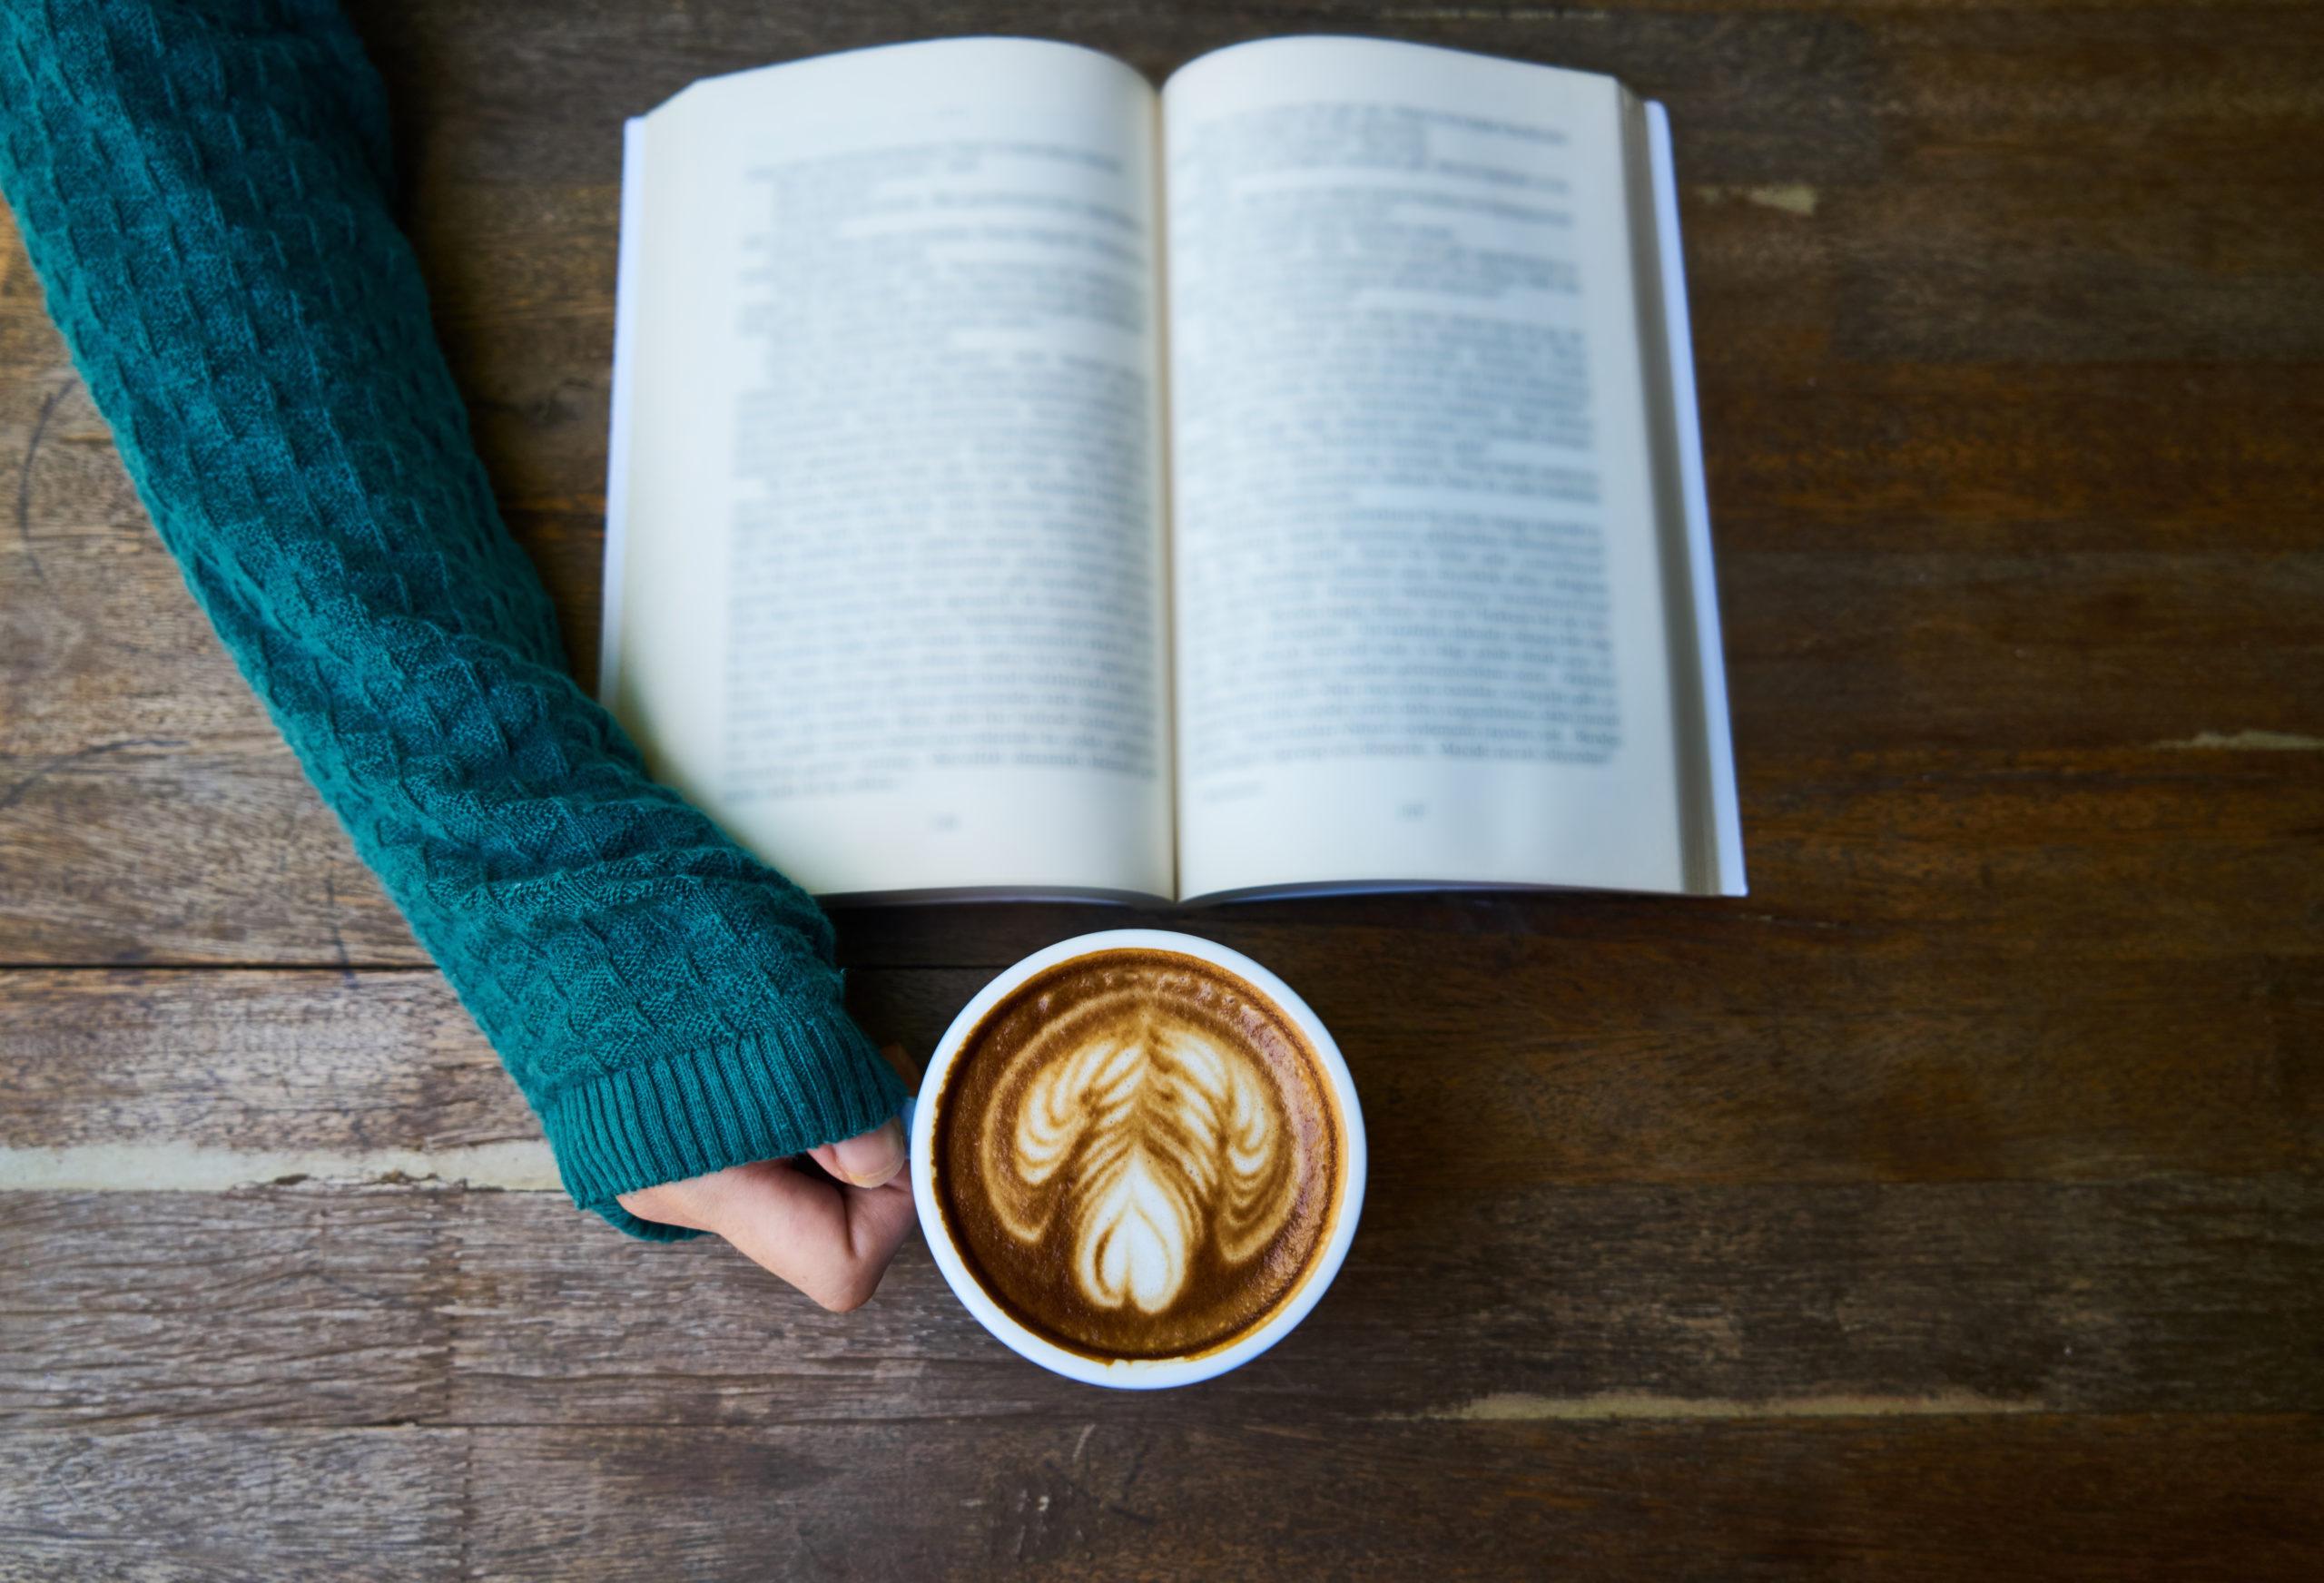 ตามมาดูตามมาชม เครื่องชงกาแฟที่คอกาแฟตัวจริง ต้องยกนิ้วให้!